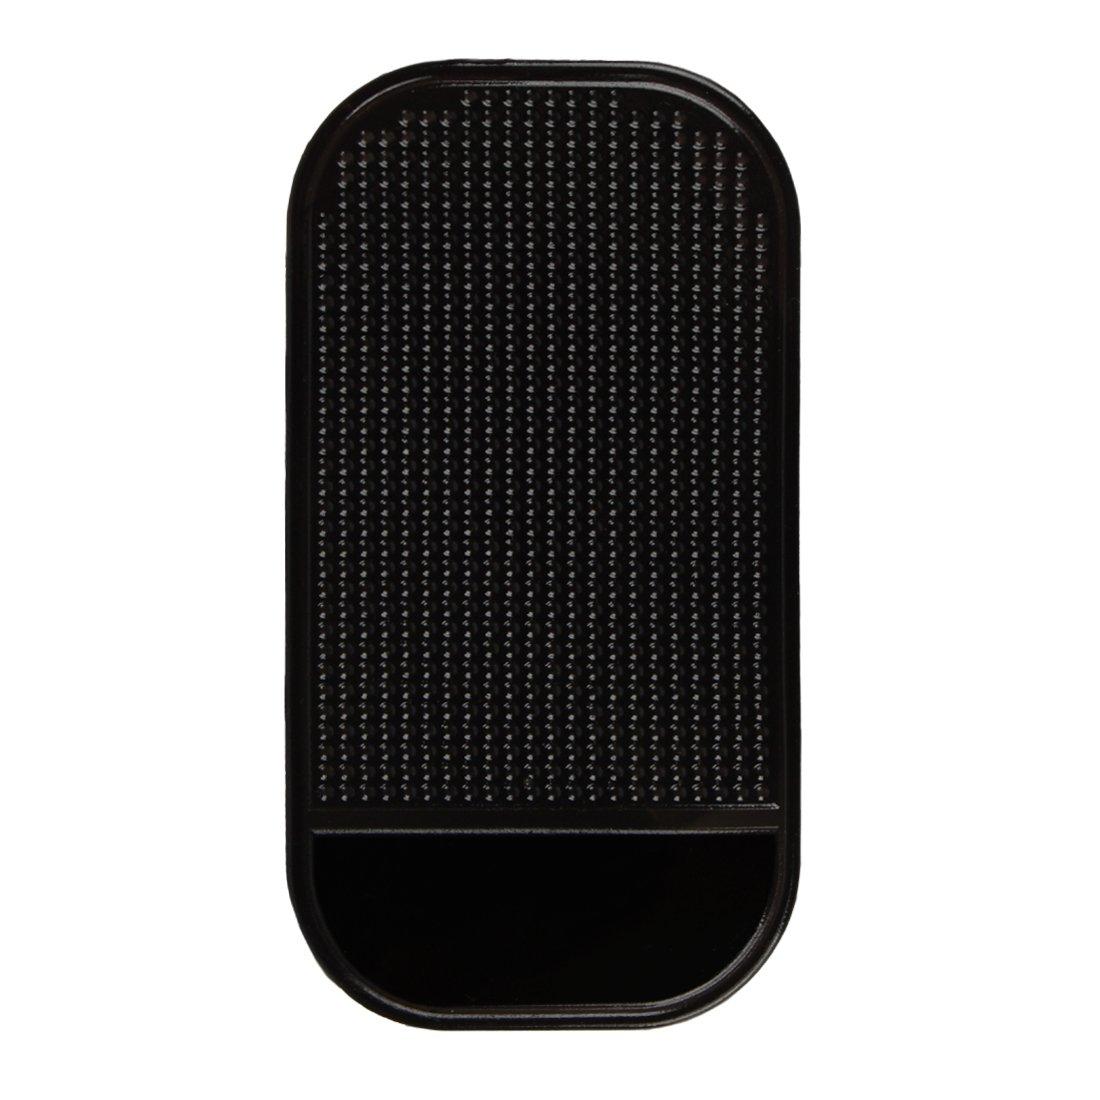 Andux Zone Voiture antidé rapante Tapis Support Caoutchouc pour té lé phone Portable MP3 MP4 CZFHD-01 (Noir, 1 piè ce) 1 pièce)